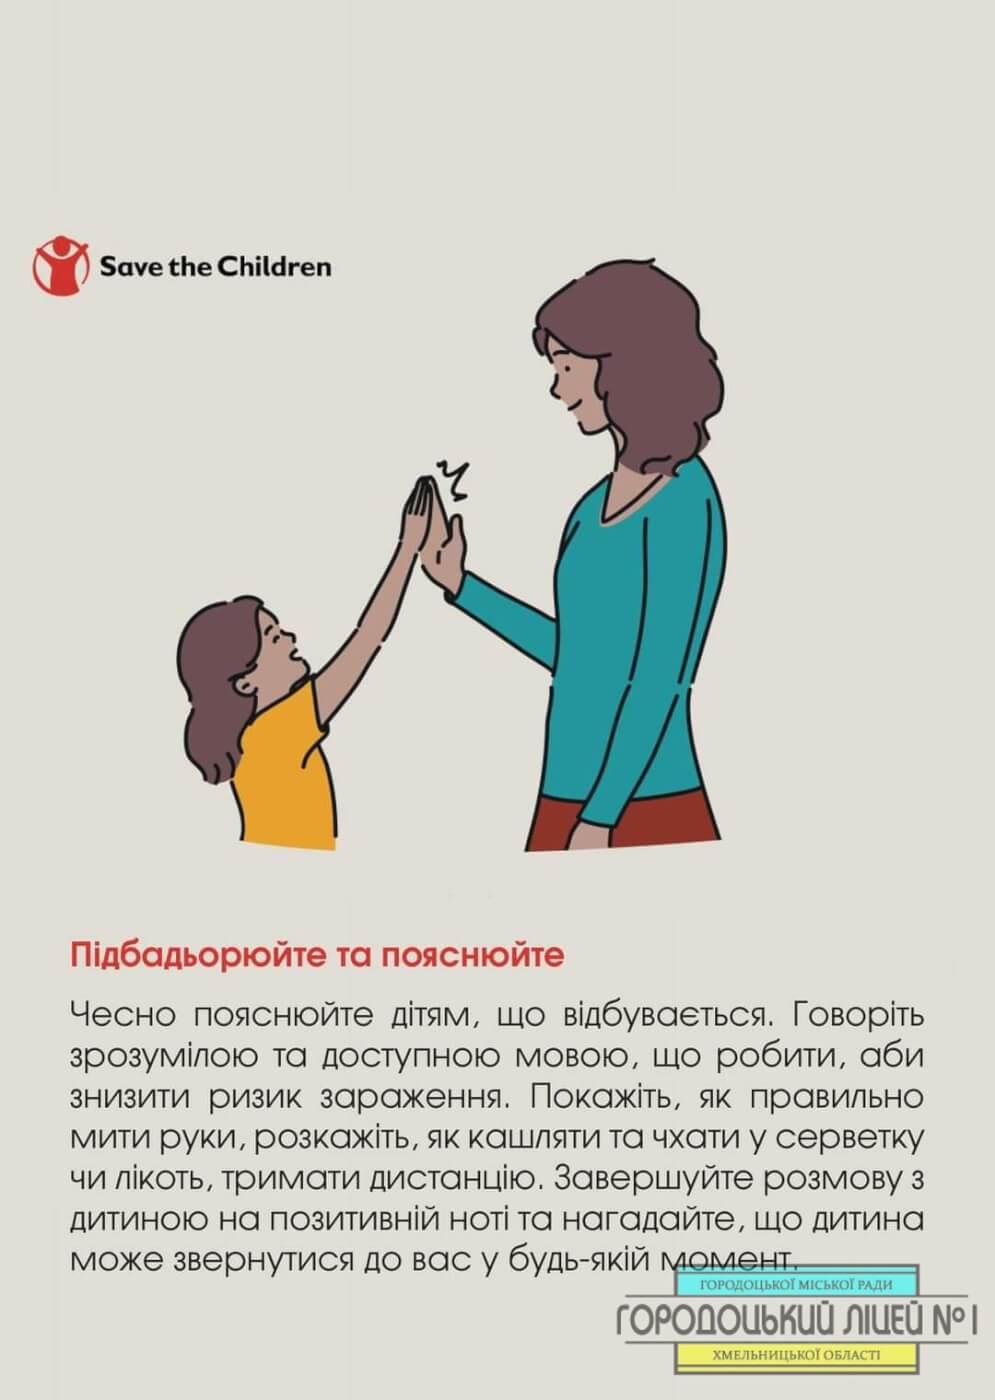 zobrazhennya viber 2021 03 29 11 22 0410 - Діти на карантині. Поради для батьків